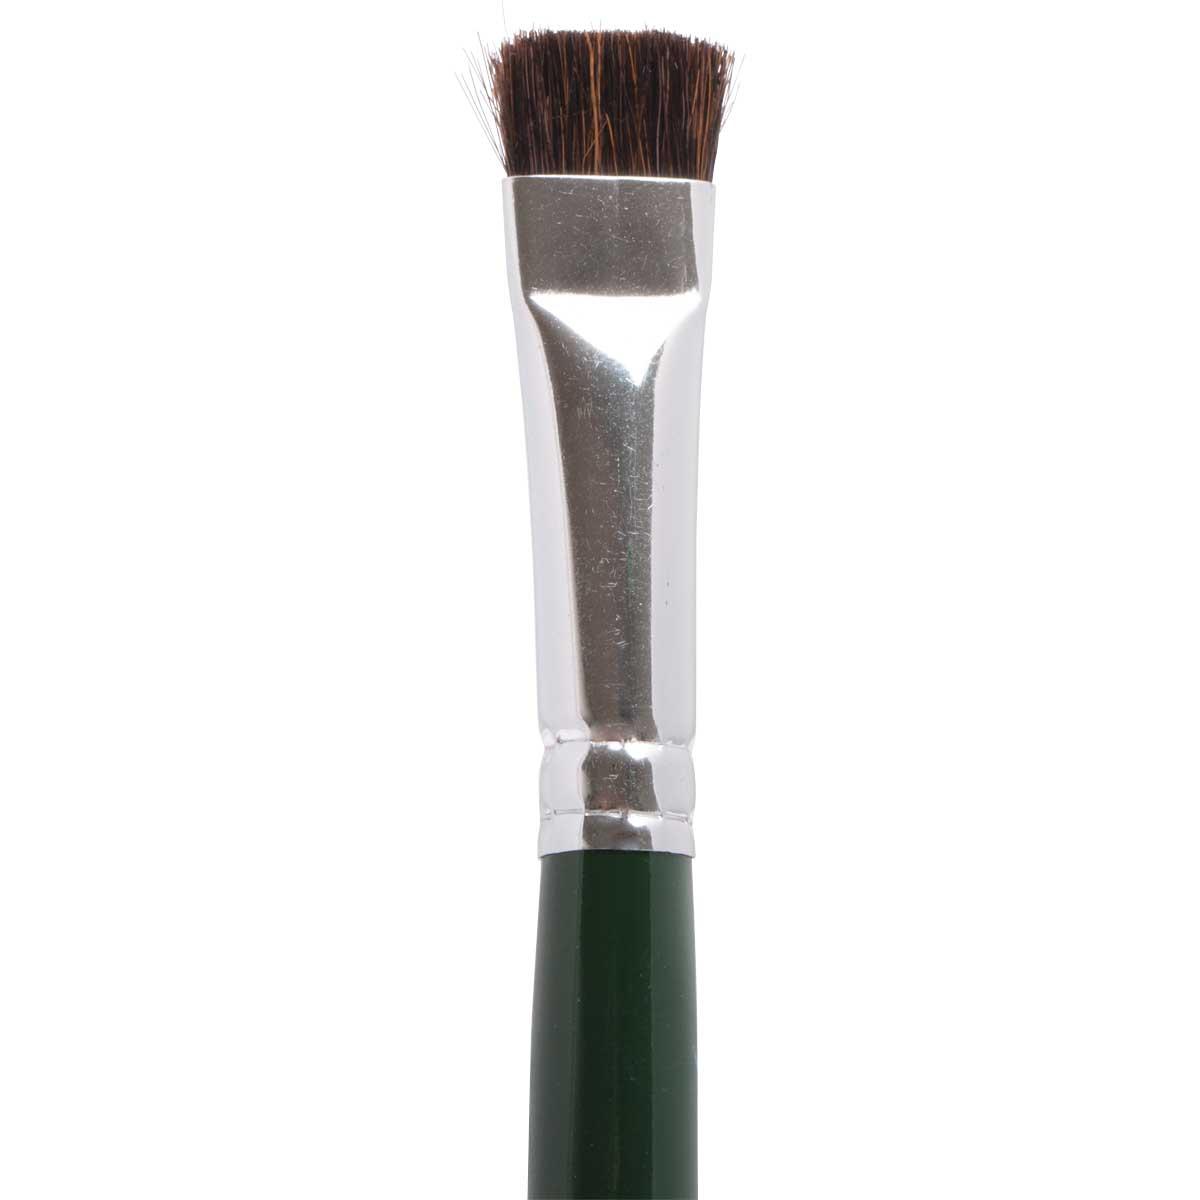 FolkArt ® One Stroke™ Brushes - Scruffy, 1/2